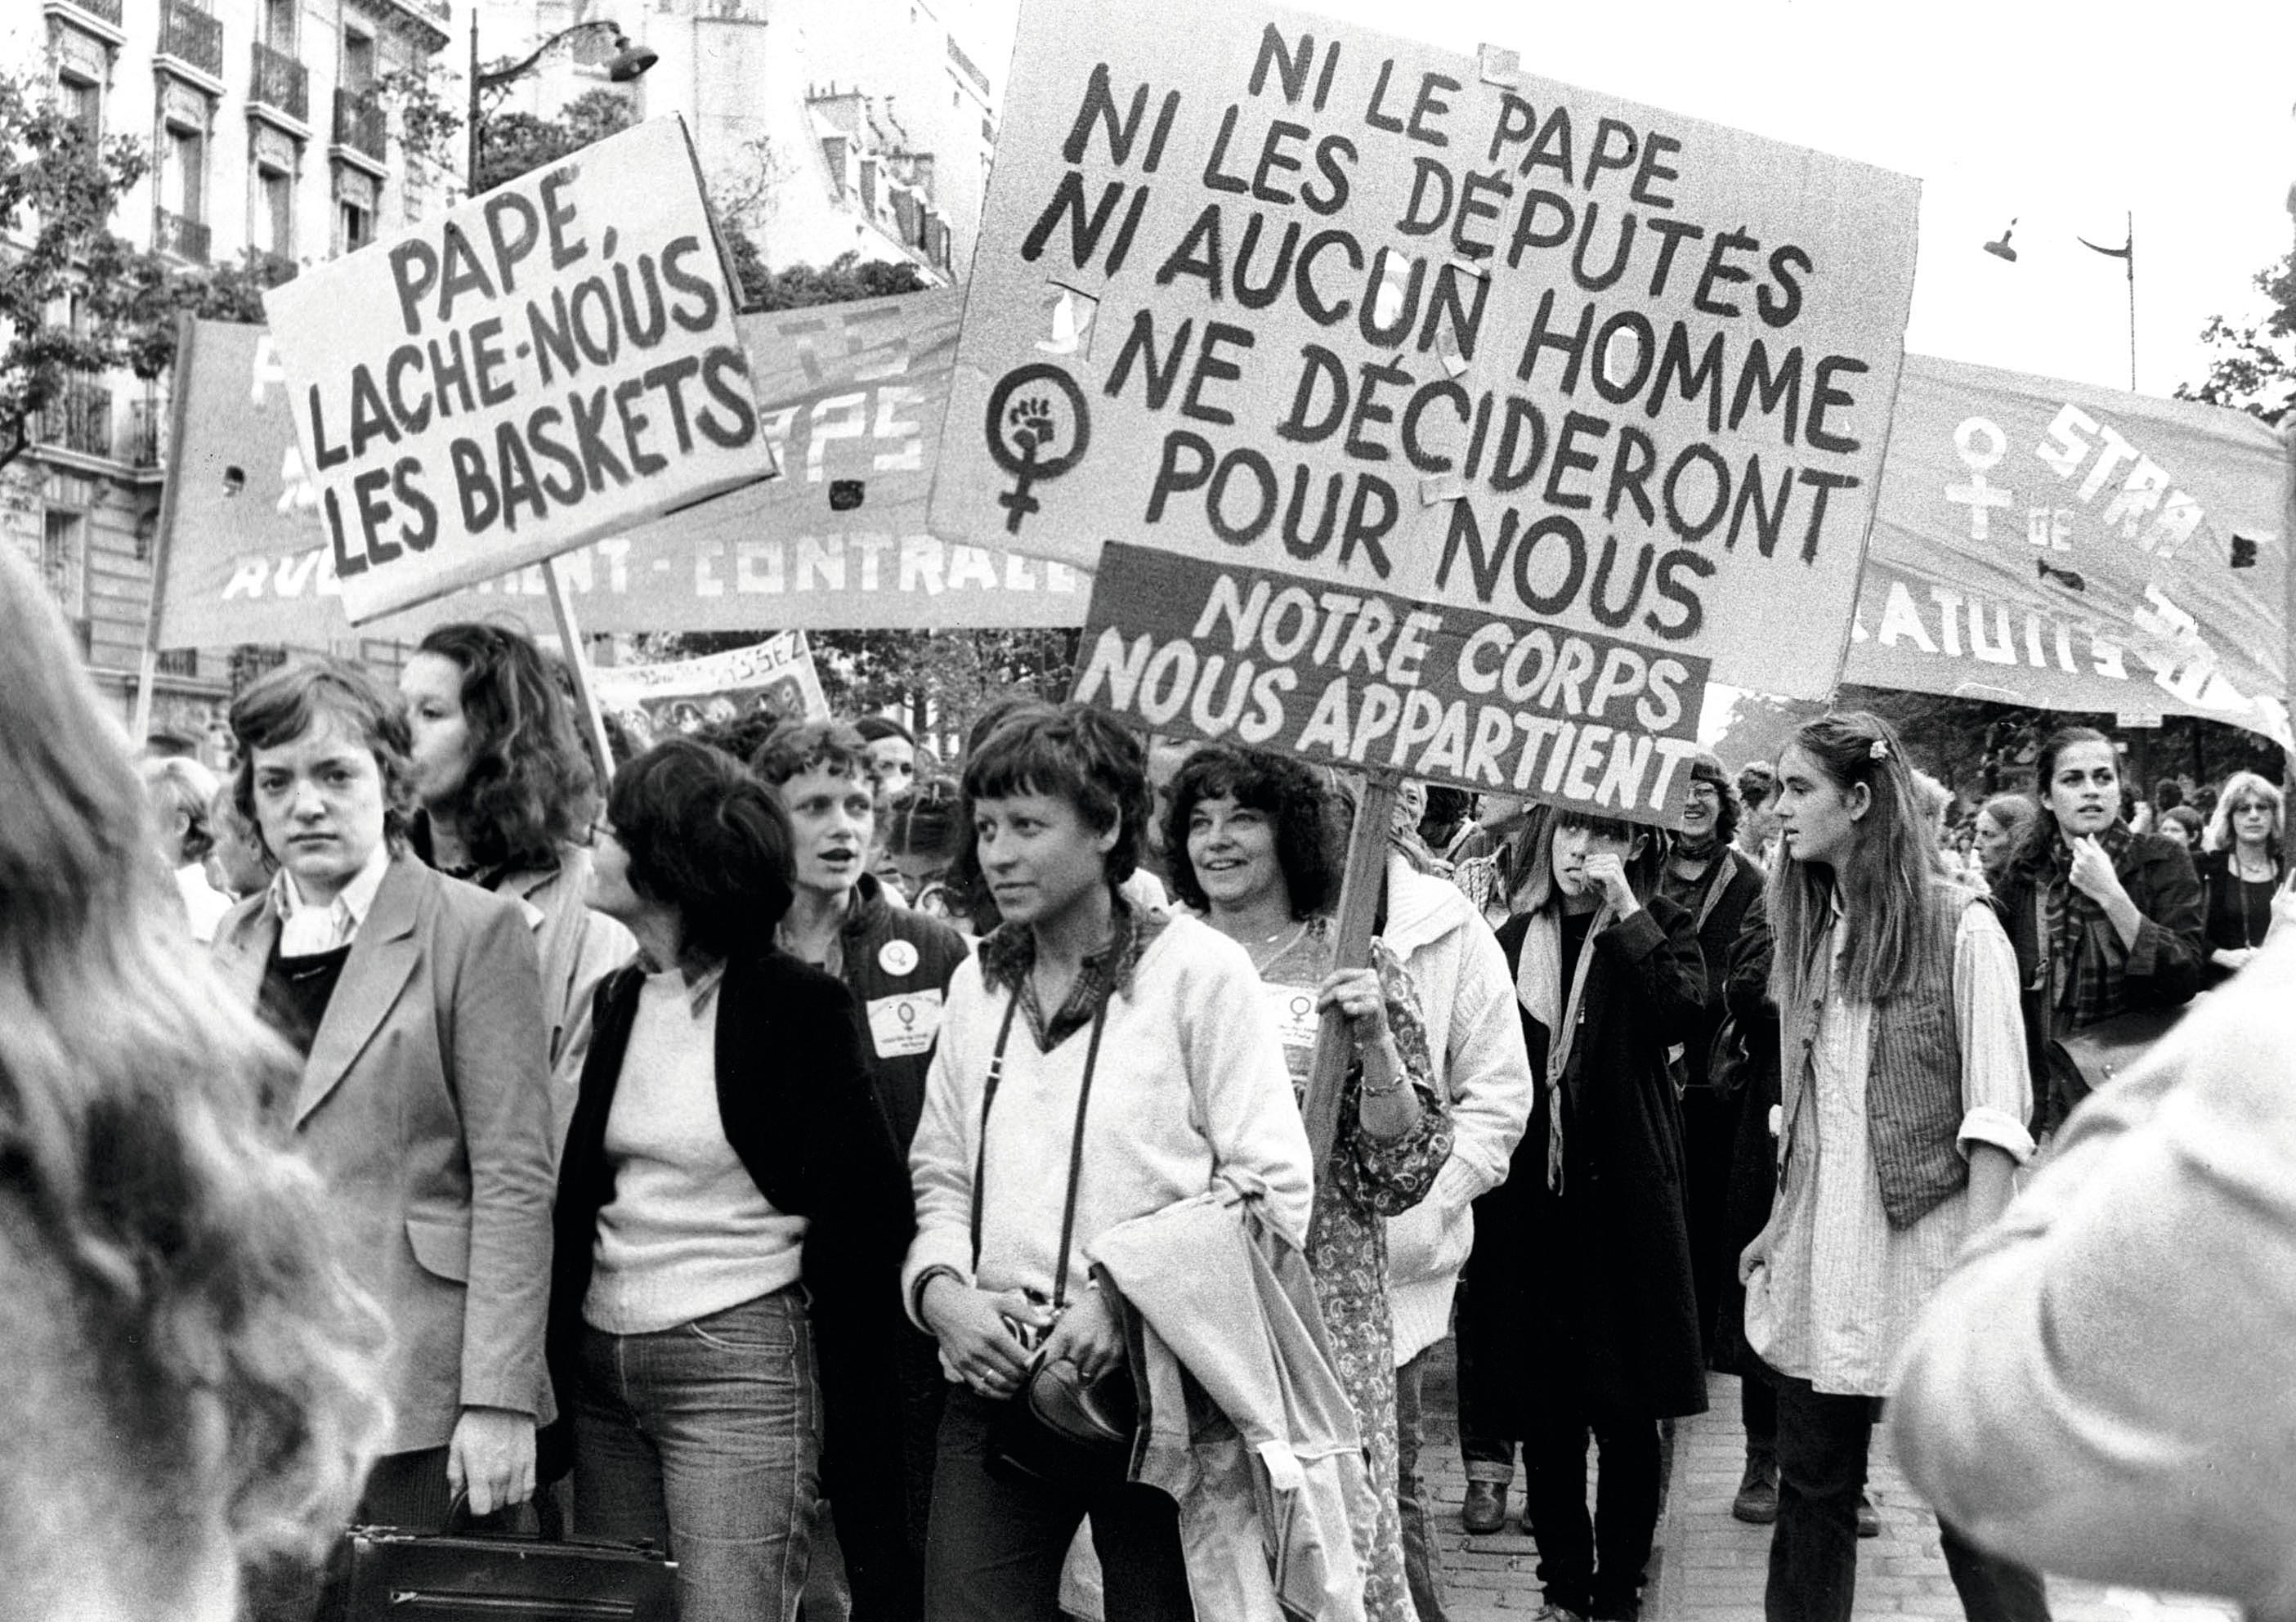 Manifestation des femmes pour la défense du droit à l'avortement en France en 1979.